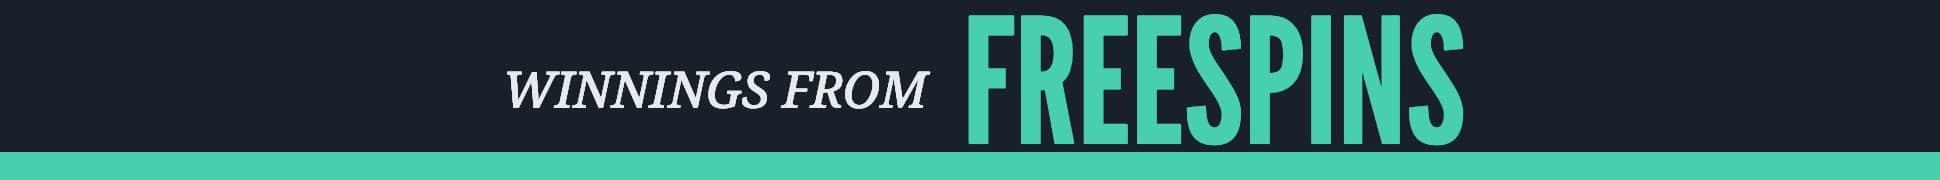 Freespins Utan Insättning